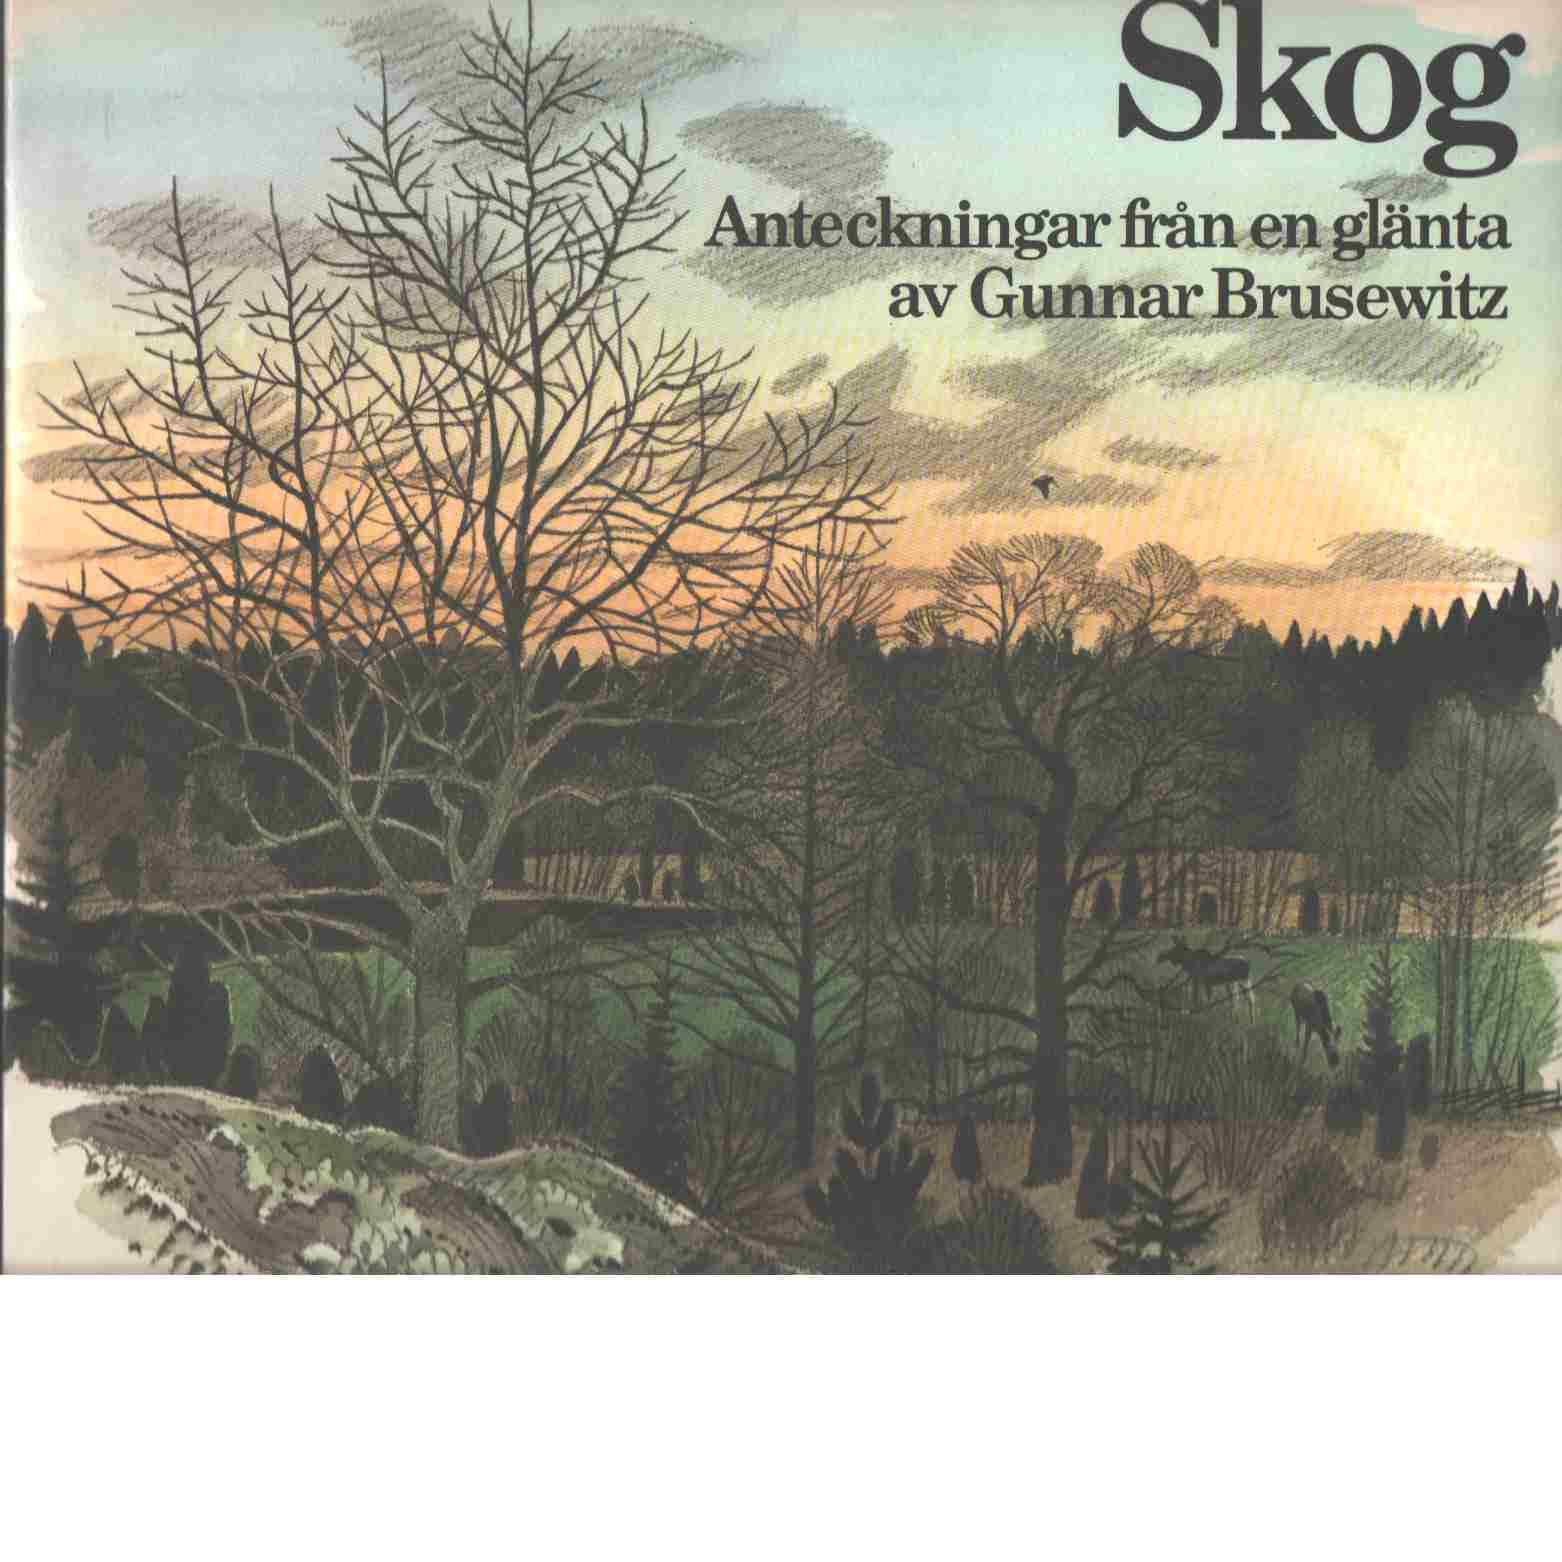 Skog : anteckningar från en glänta - Brusewitz, Gunnar